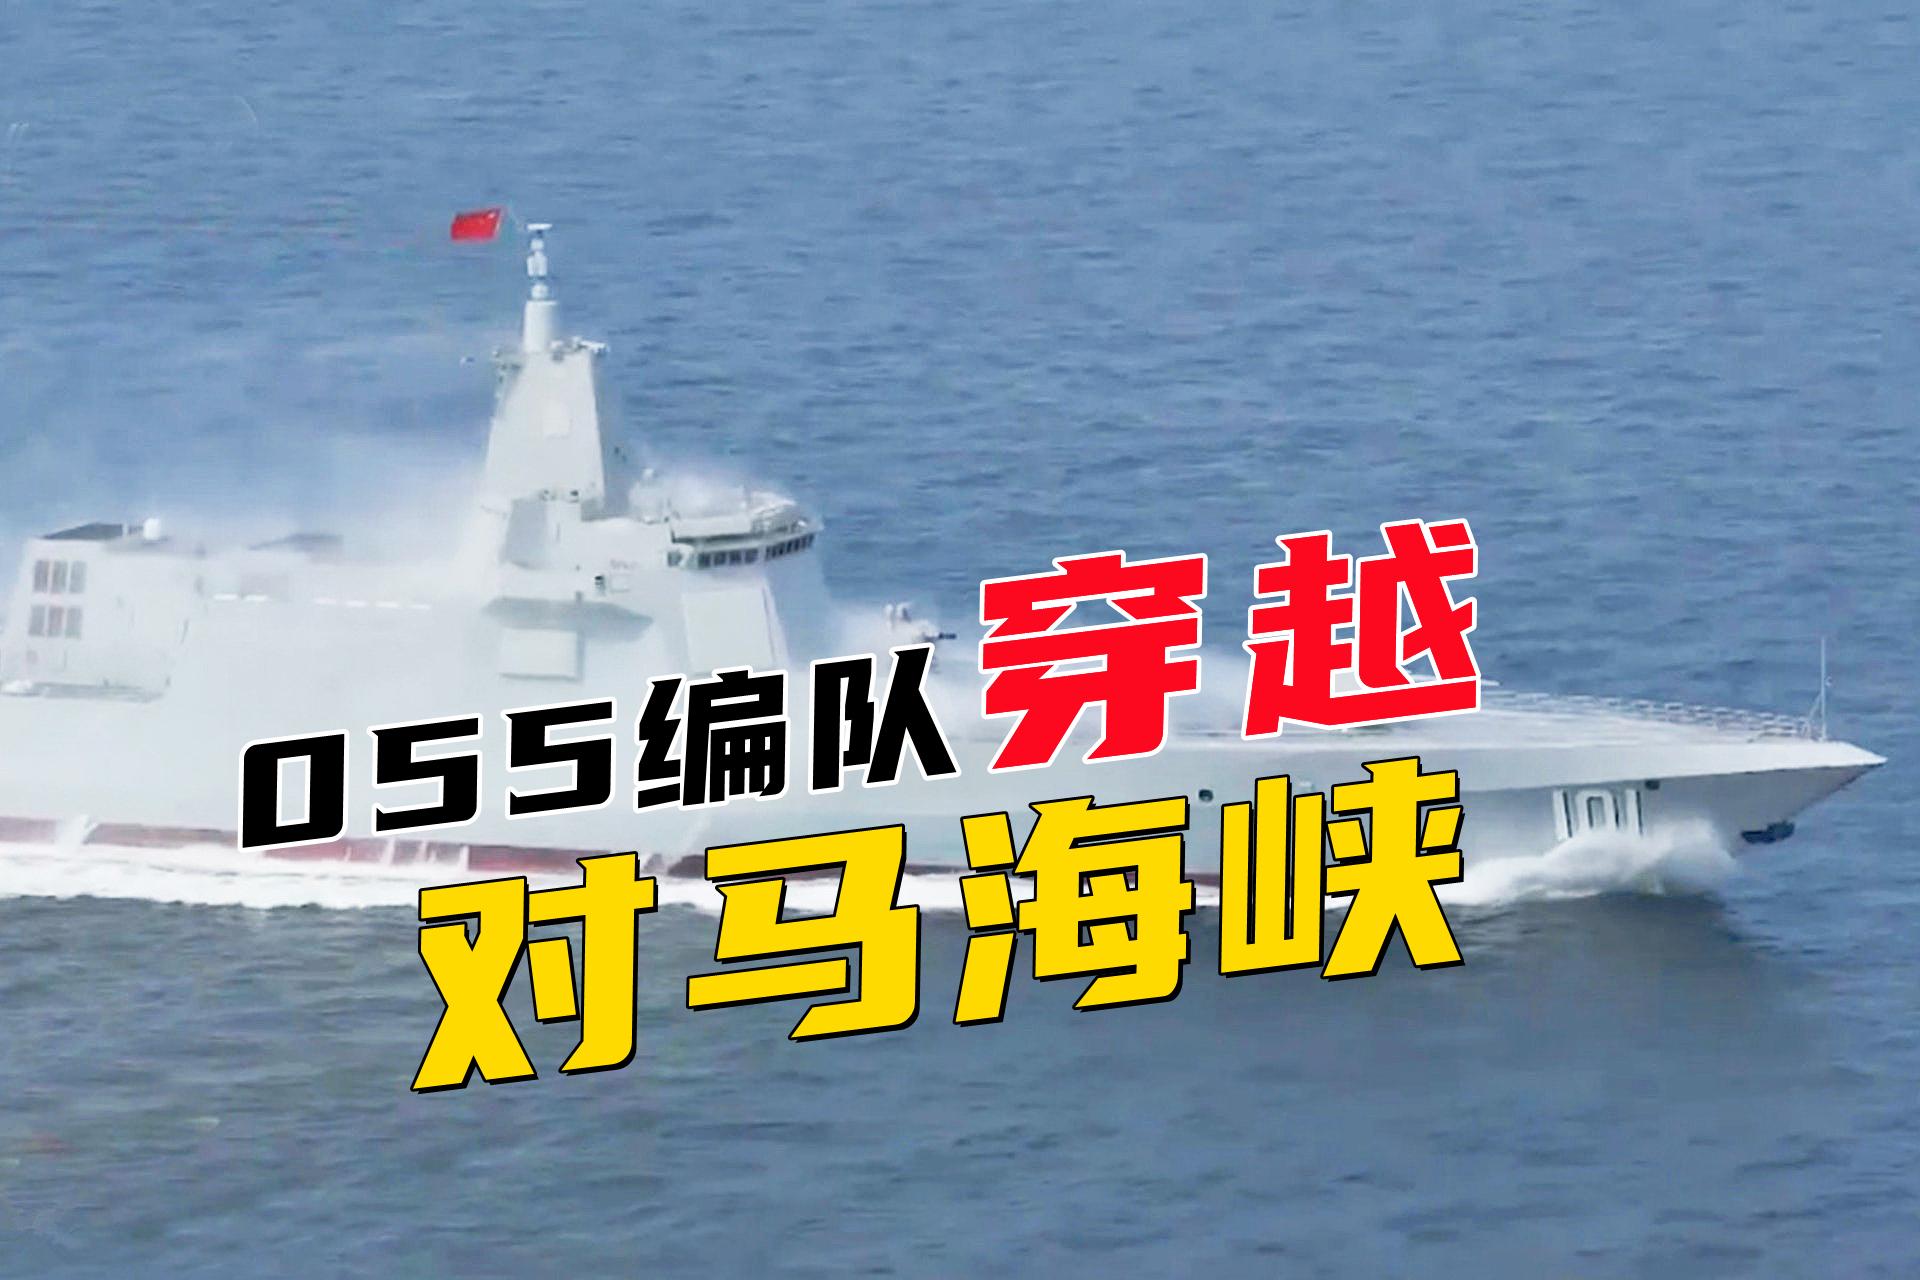 日本再变脸强硬挑战中国,称封锁中国进入新局面,联合美欧同盟